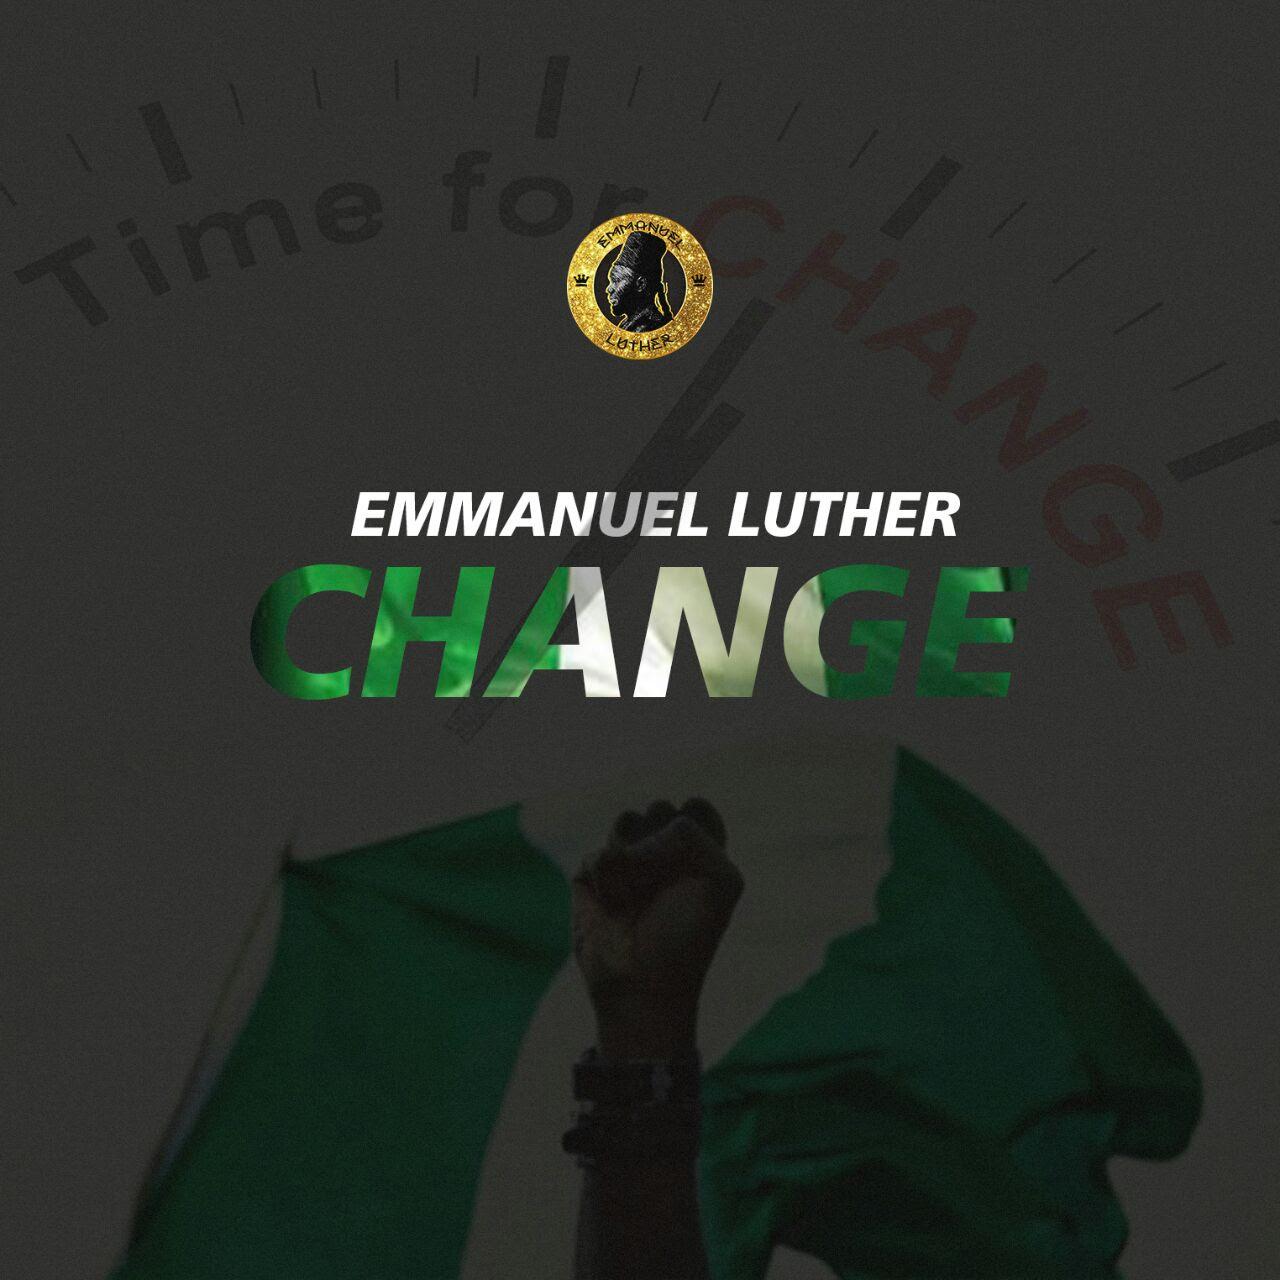 Emmanuel Luther - Change